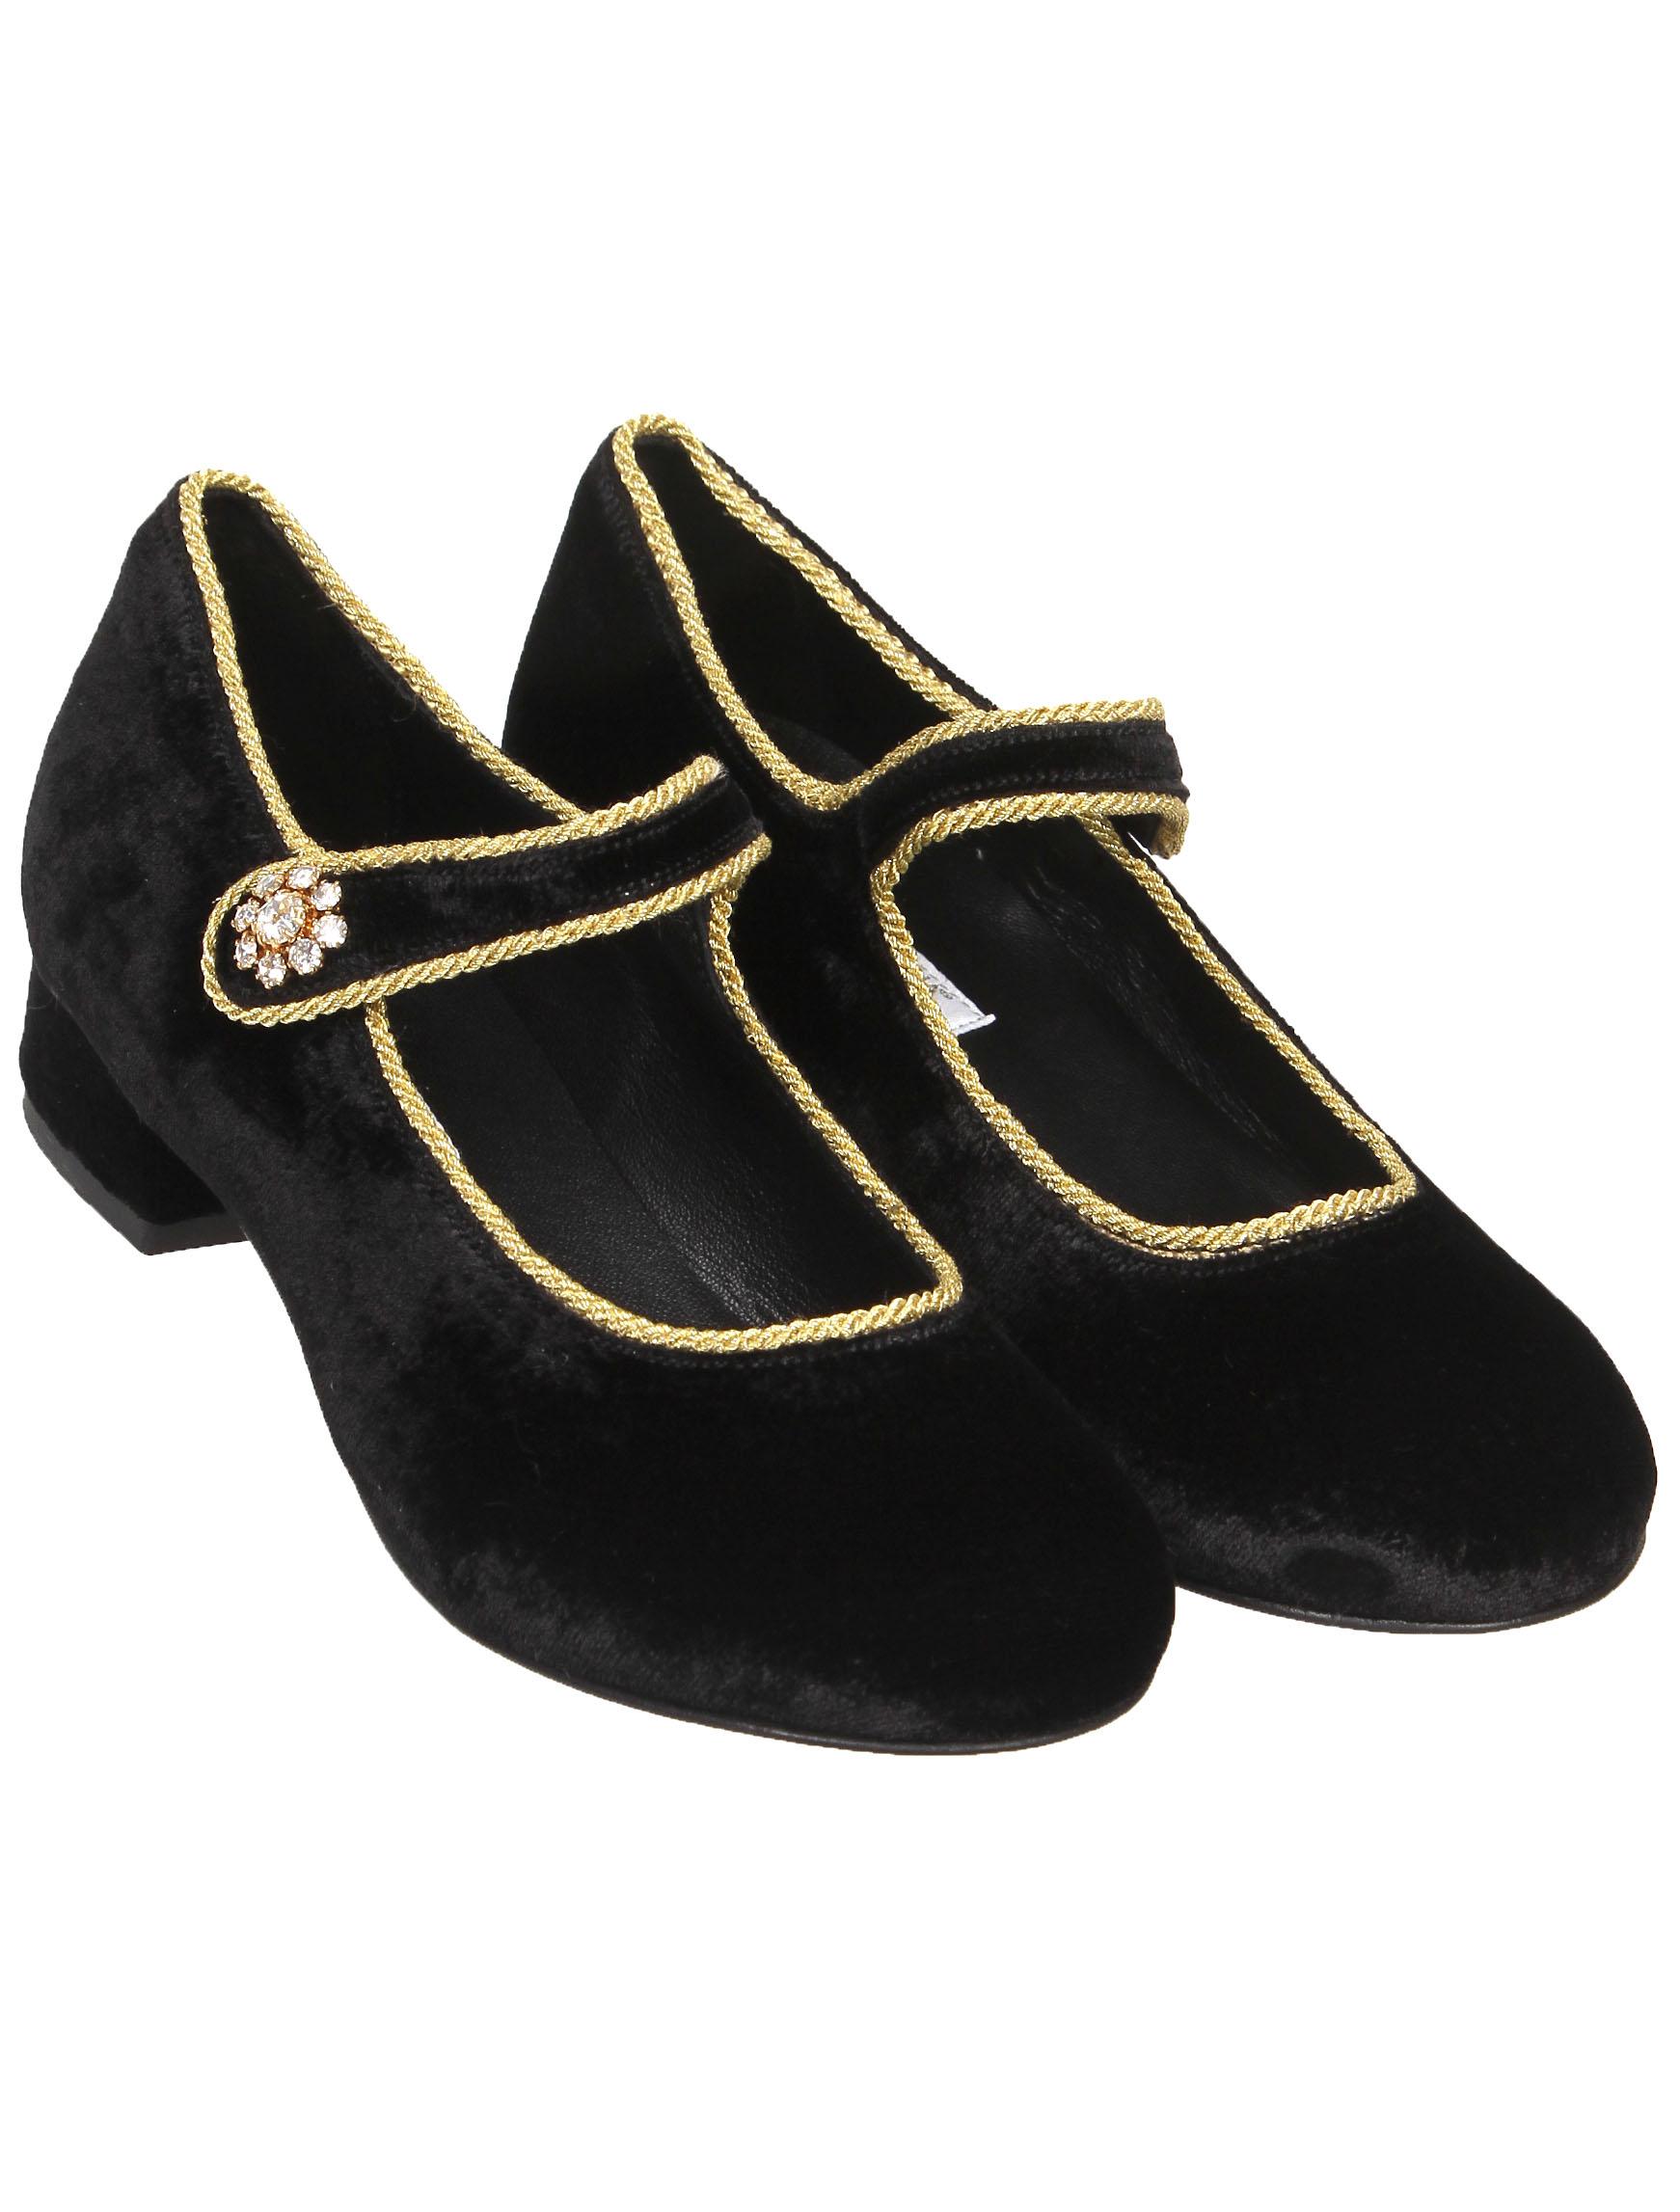 Купить 2140834, Туфли Dolce & Gabbana, черный, Женский, 2011109980368